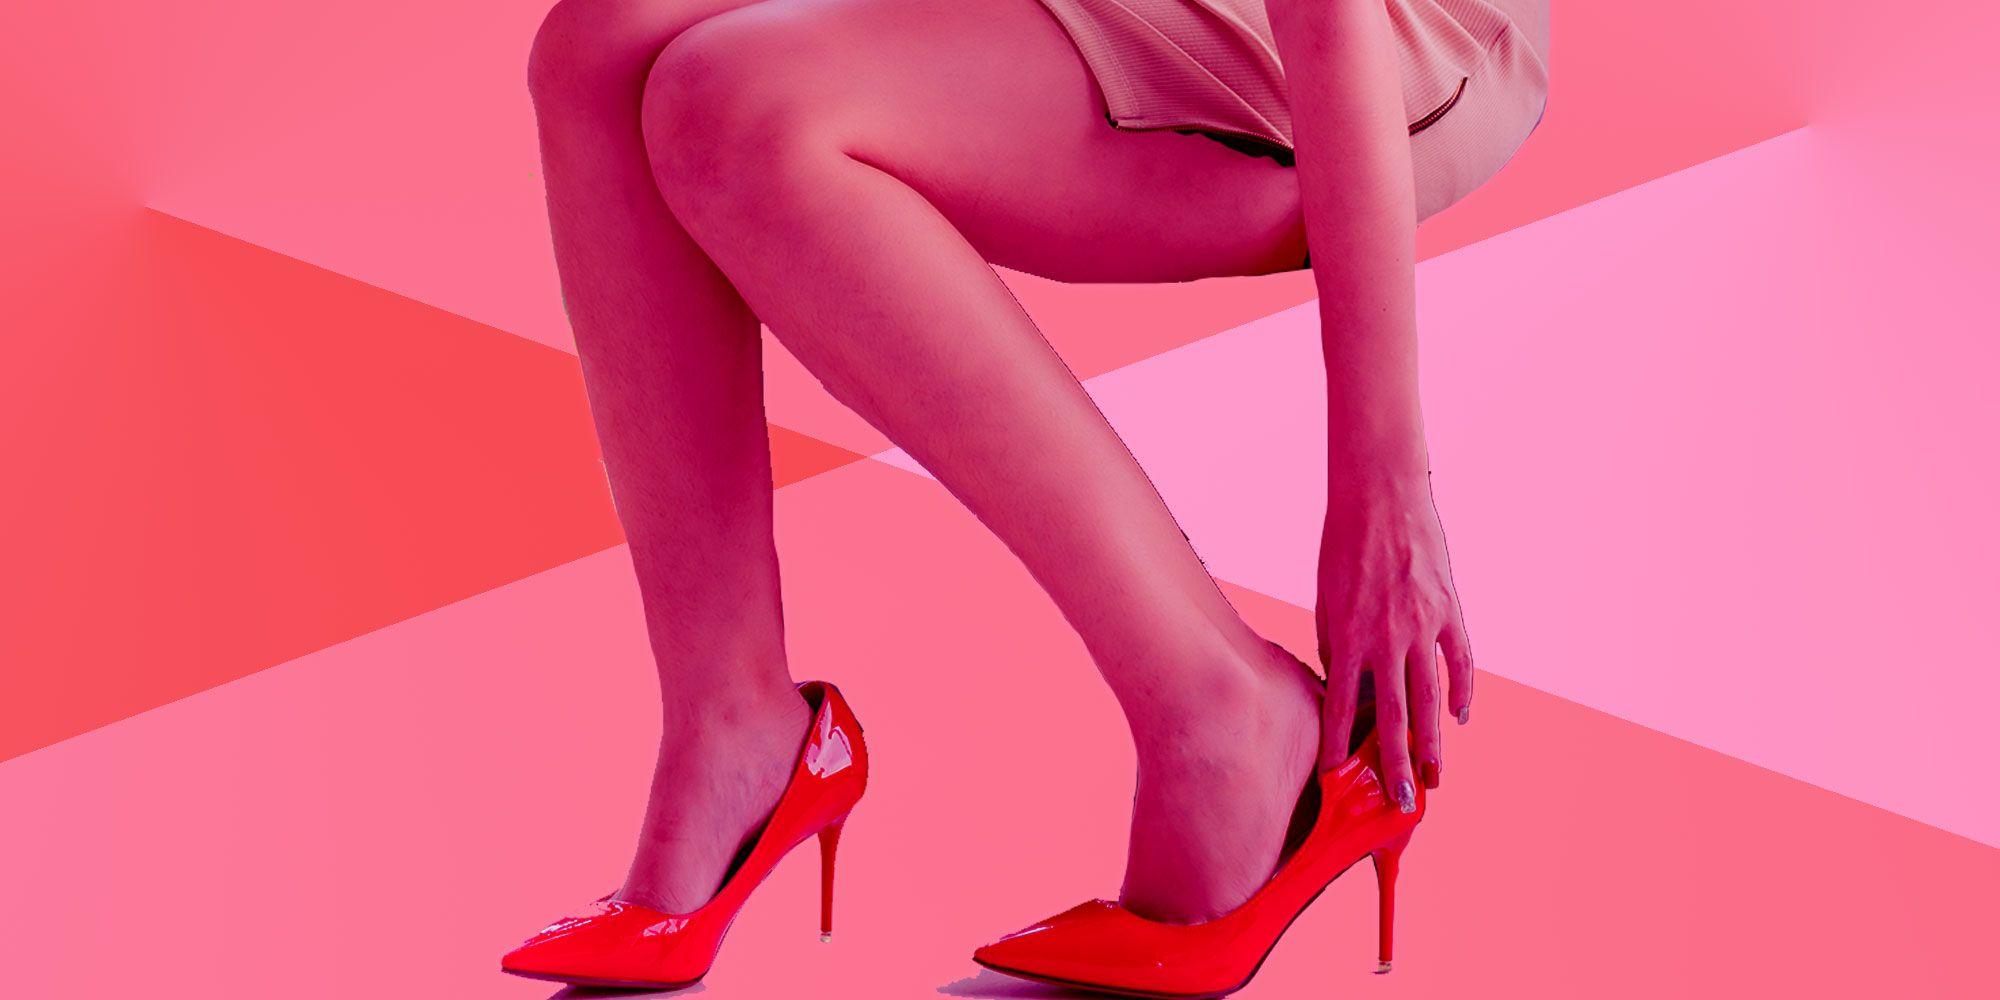 How Shoes Stop Rubbing Break In To qpUMVSGz